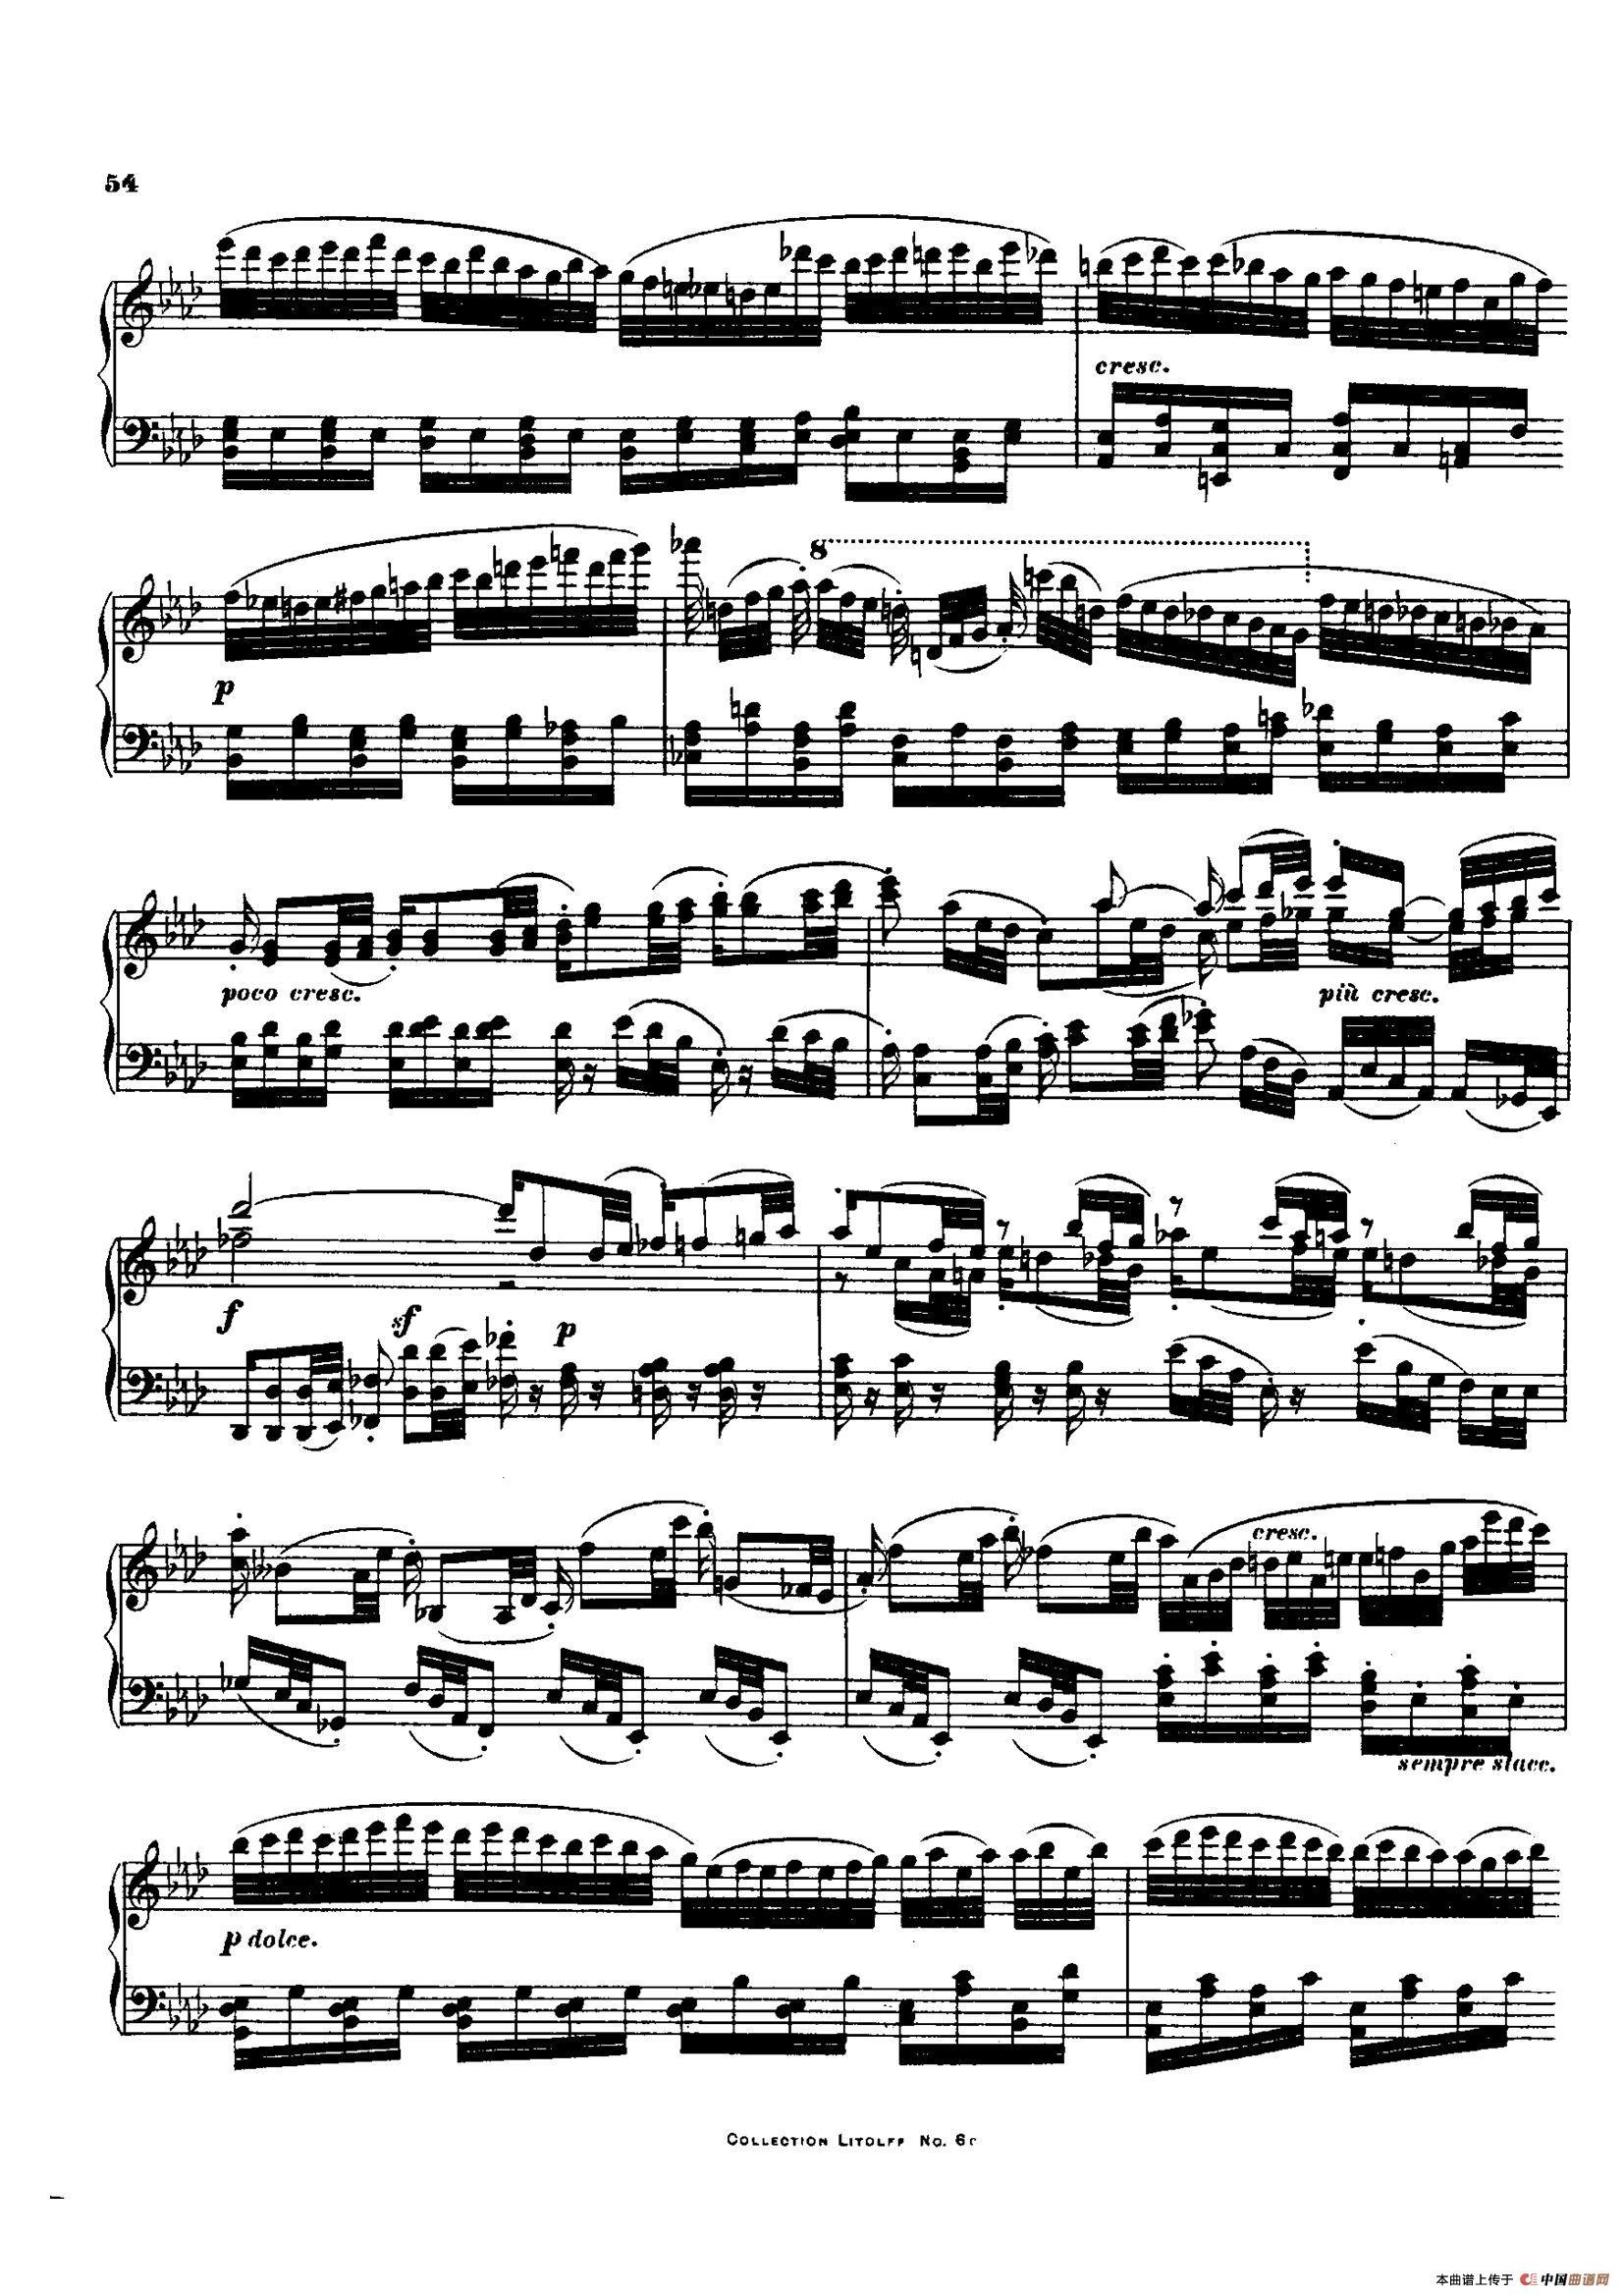 降E大调第十二弦乐四重奏(钢琴独奏版)(1)_原文件名:009.jpg